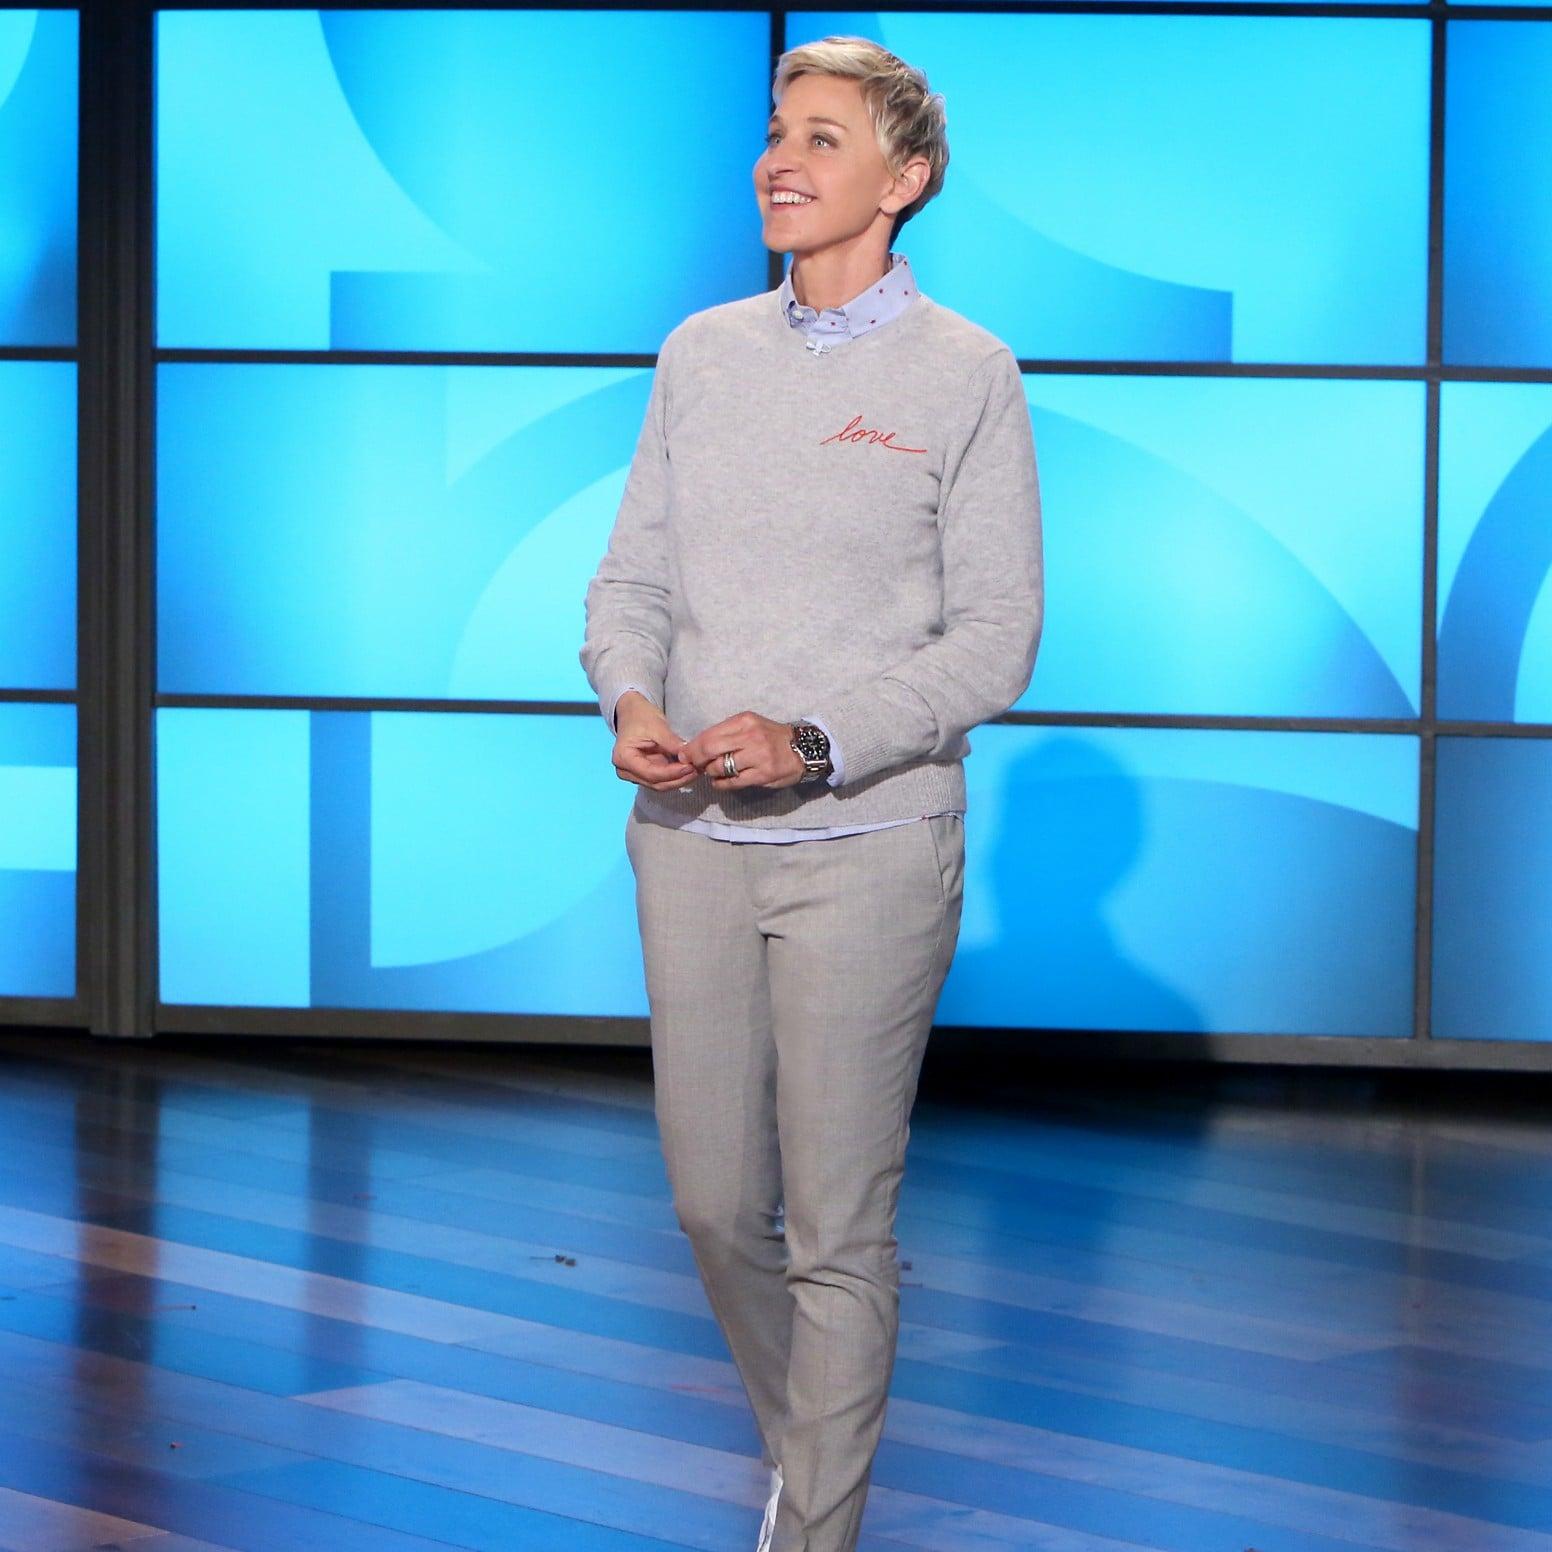 Ellen DeGeneres\'s Speech After the Election 2016 | POPSUGAR Celebrity UK